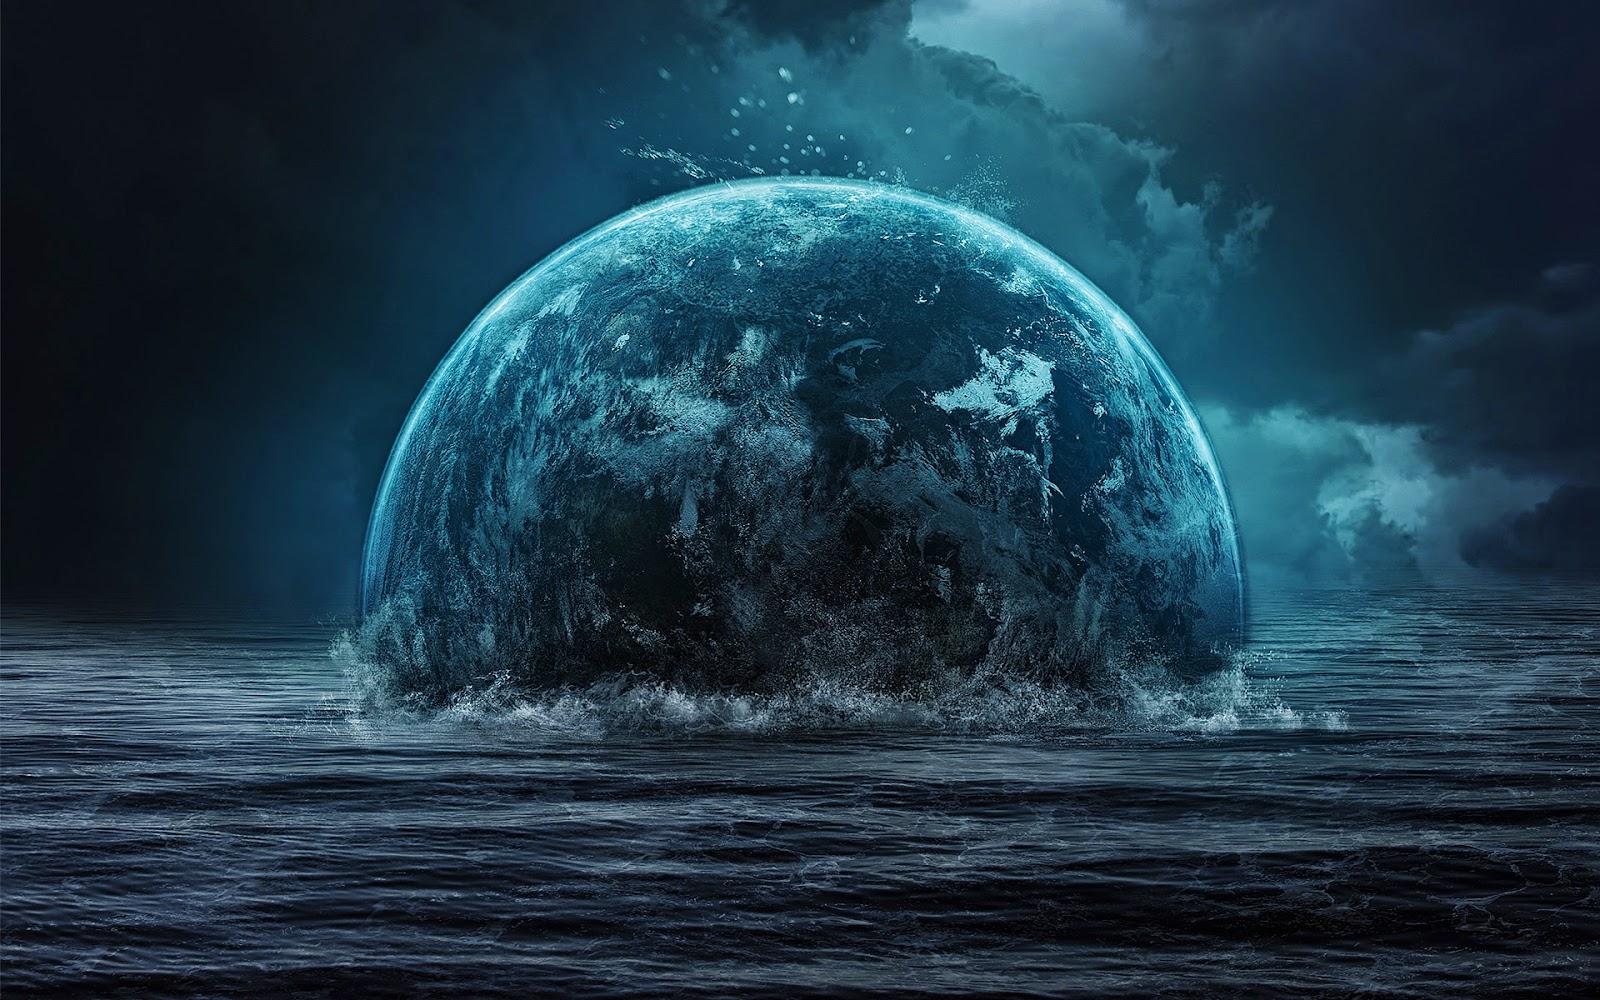 """<img src=""""http://1.bp.blogspot.com/-vbvJ3hl1VNI/U8GXuS6-lrI/AAAAAAAALlg/4XU8IuTc7Bw/s1600/world-in-water-hd-wallpaper.jpg"""" alt=""""World in Water HD Wallpaper"""" />"""